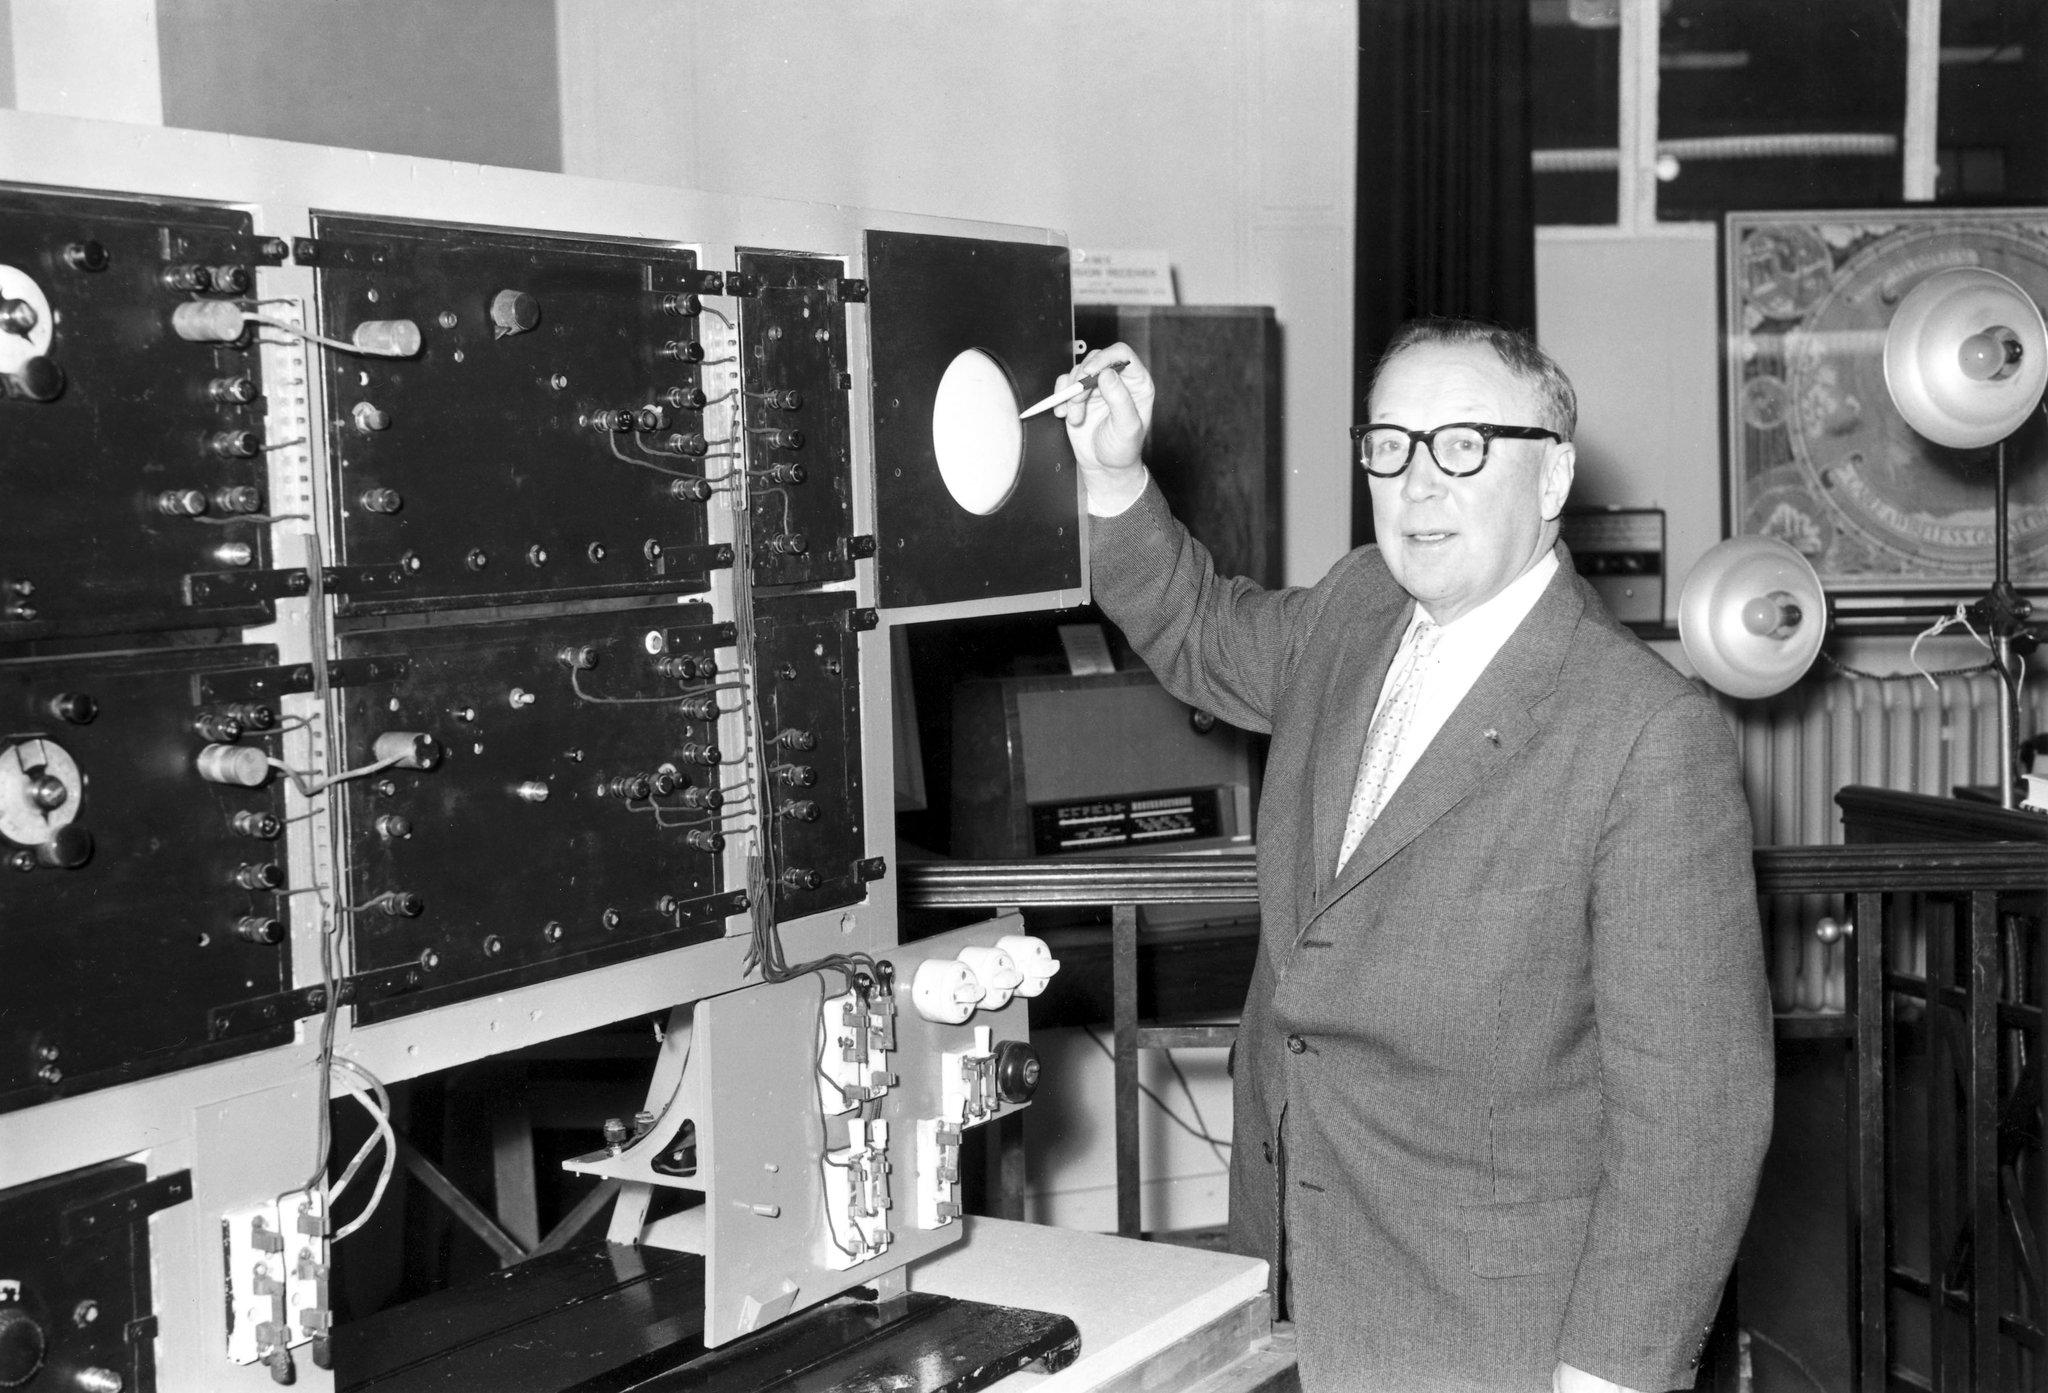 Nhà phát minh Robert Watson-Watt đứng bên cạnh hệ thống radar giúp phát hiện máy bay địch. Ảnh: Science Museum.